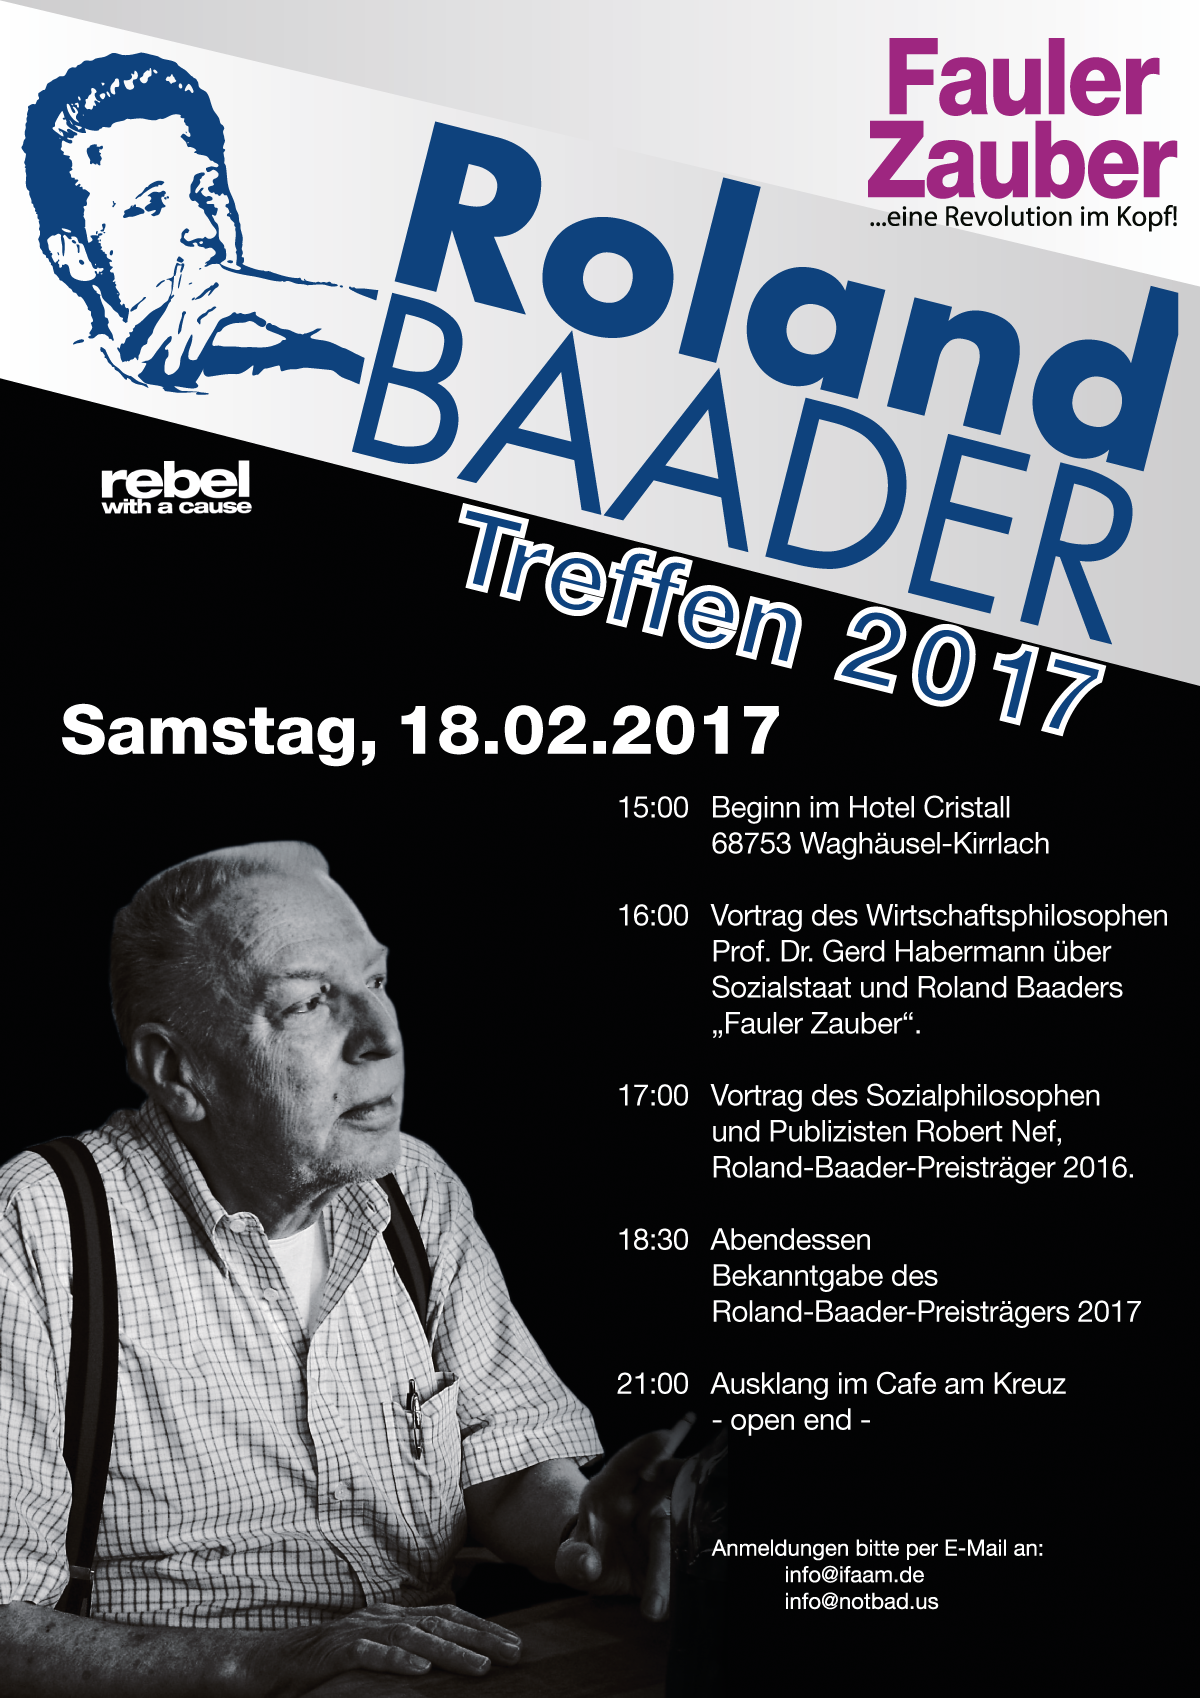 Roland-Baader-Treffen 2017